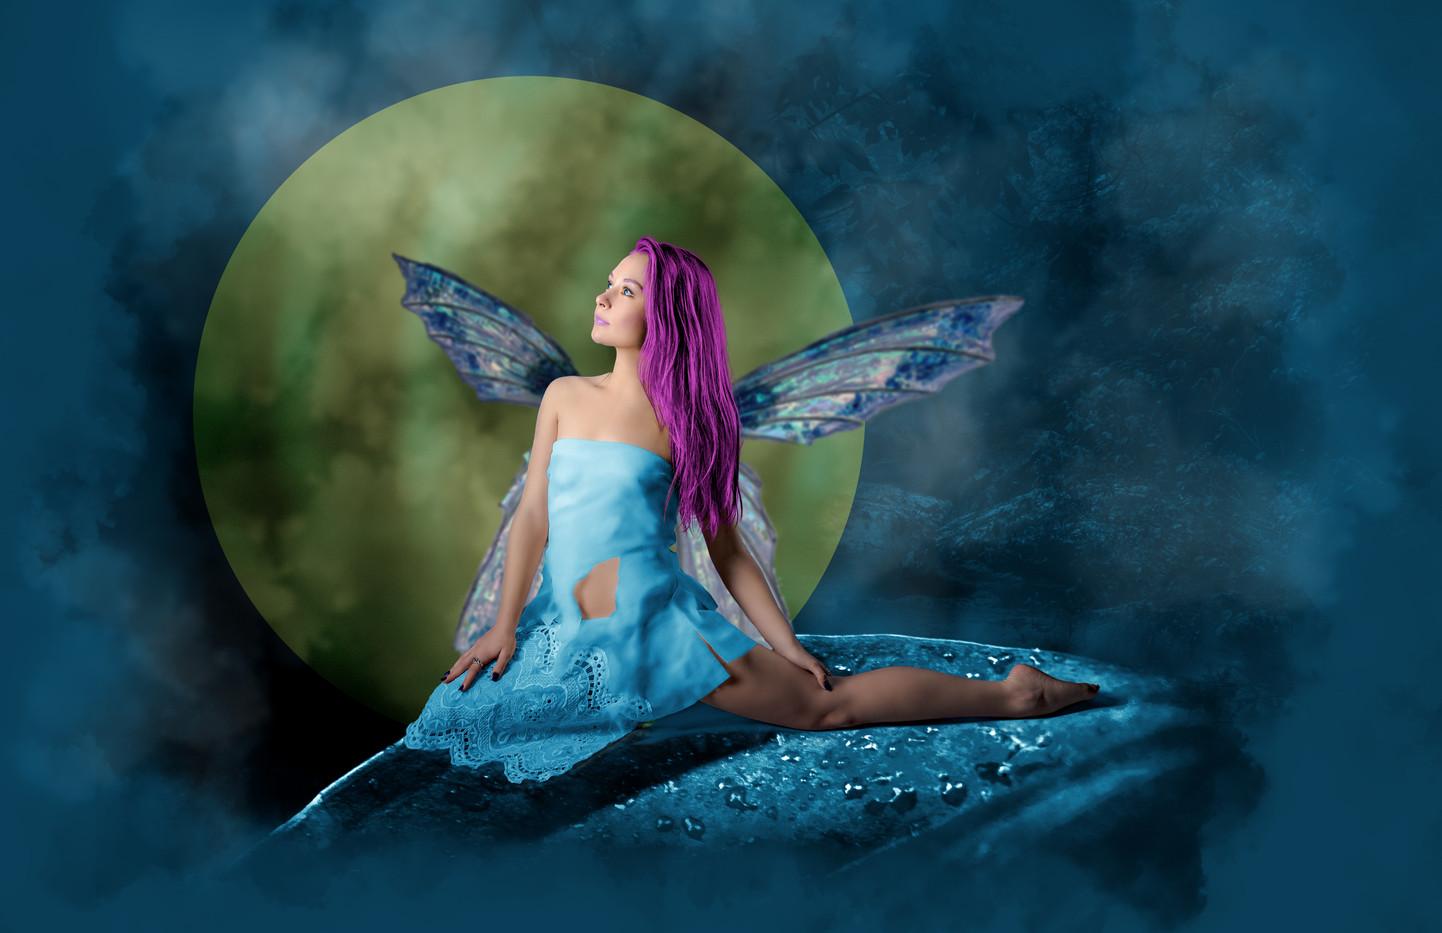 Fairy_4735.jpg